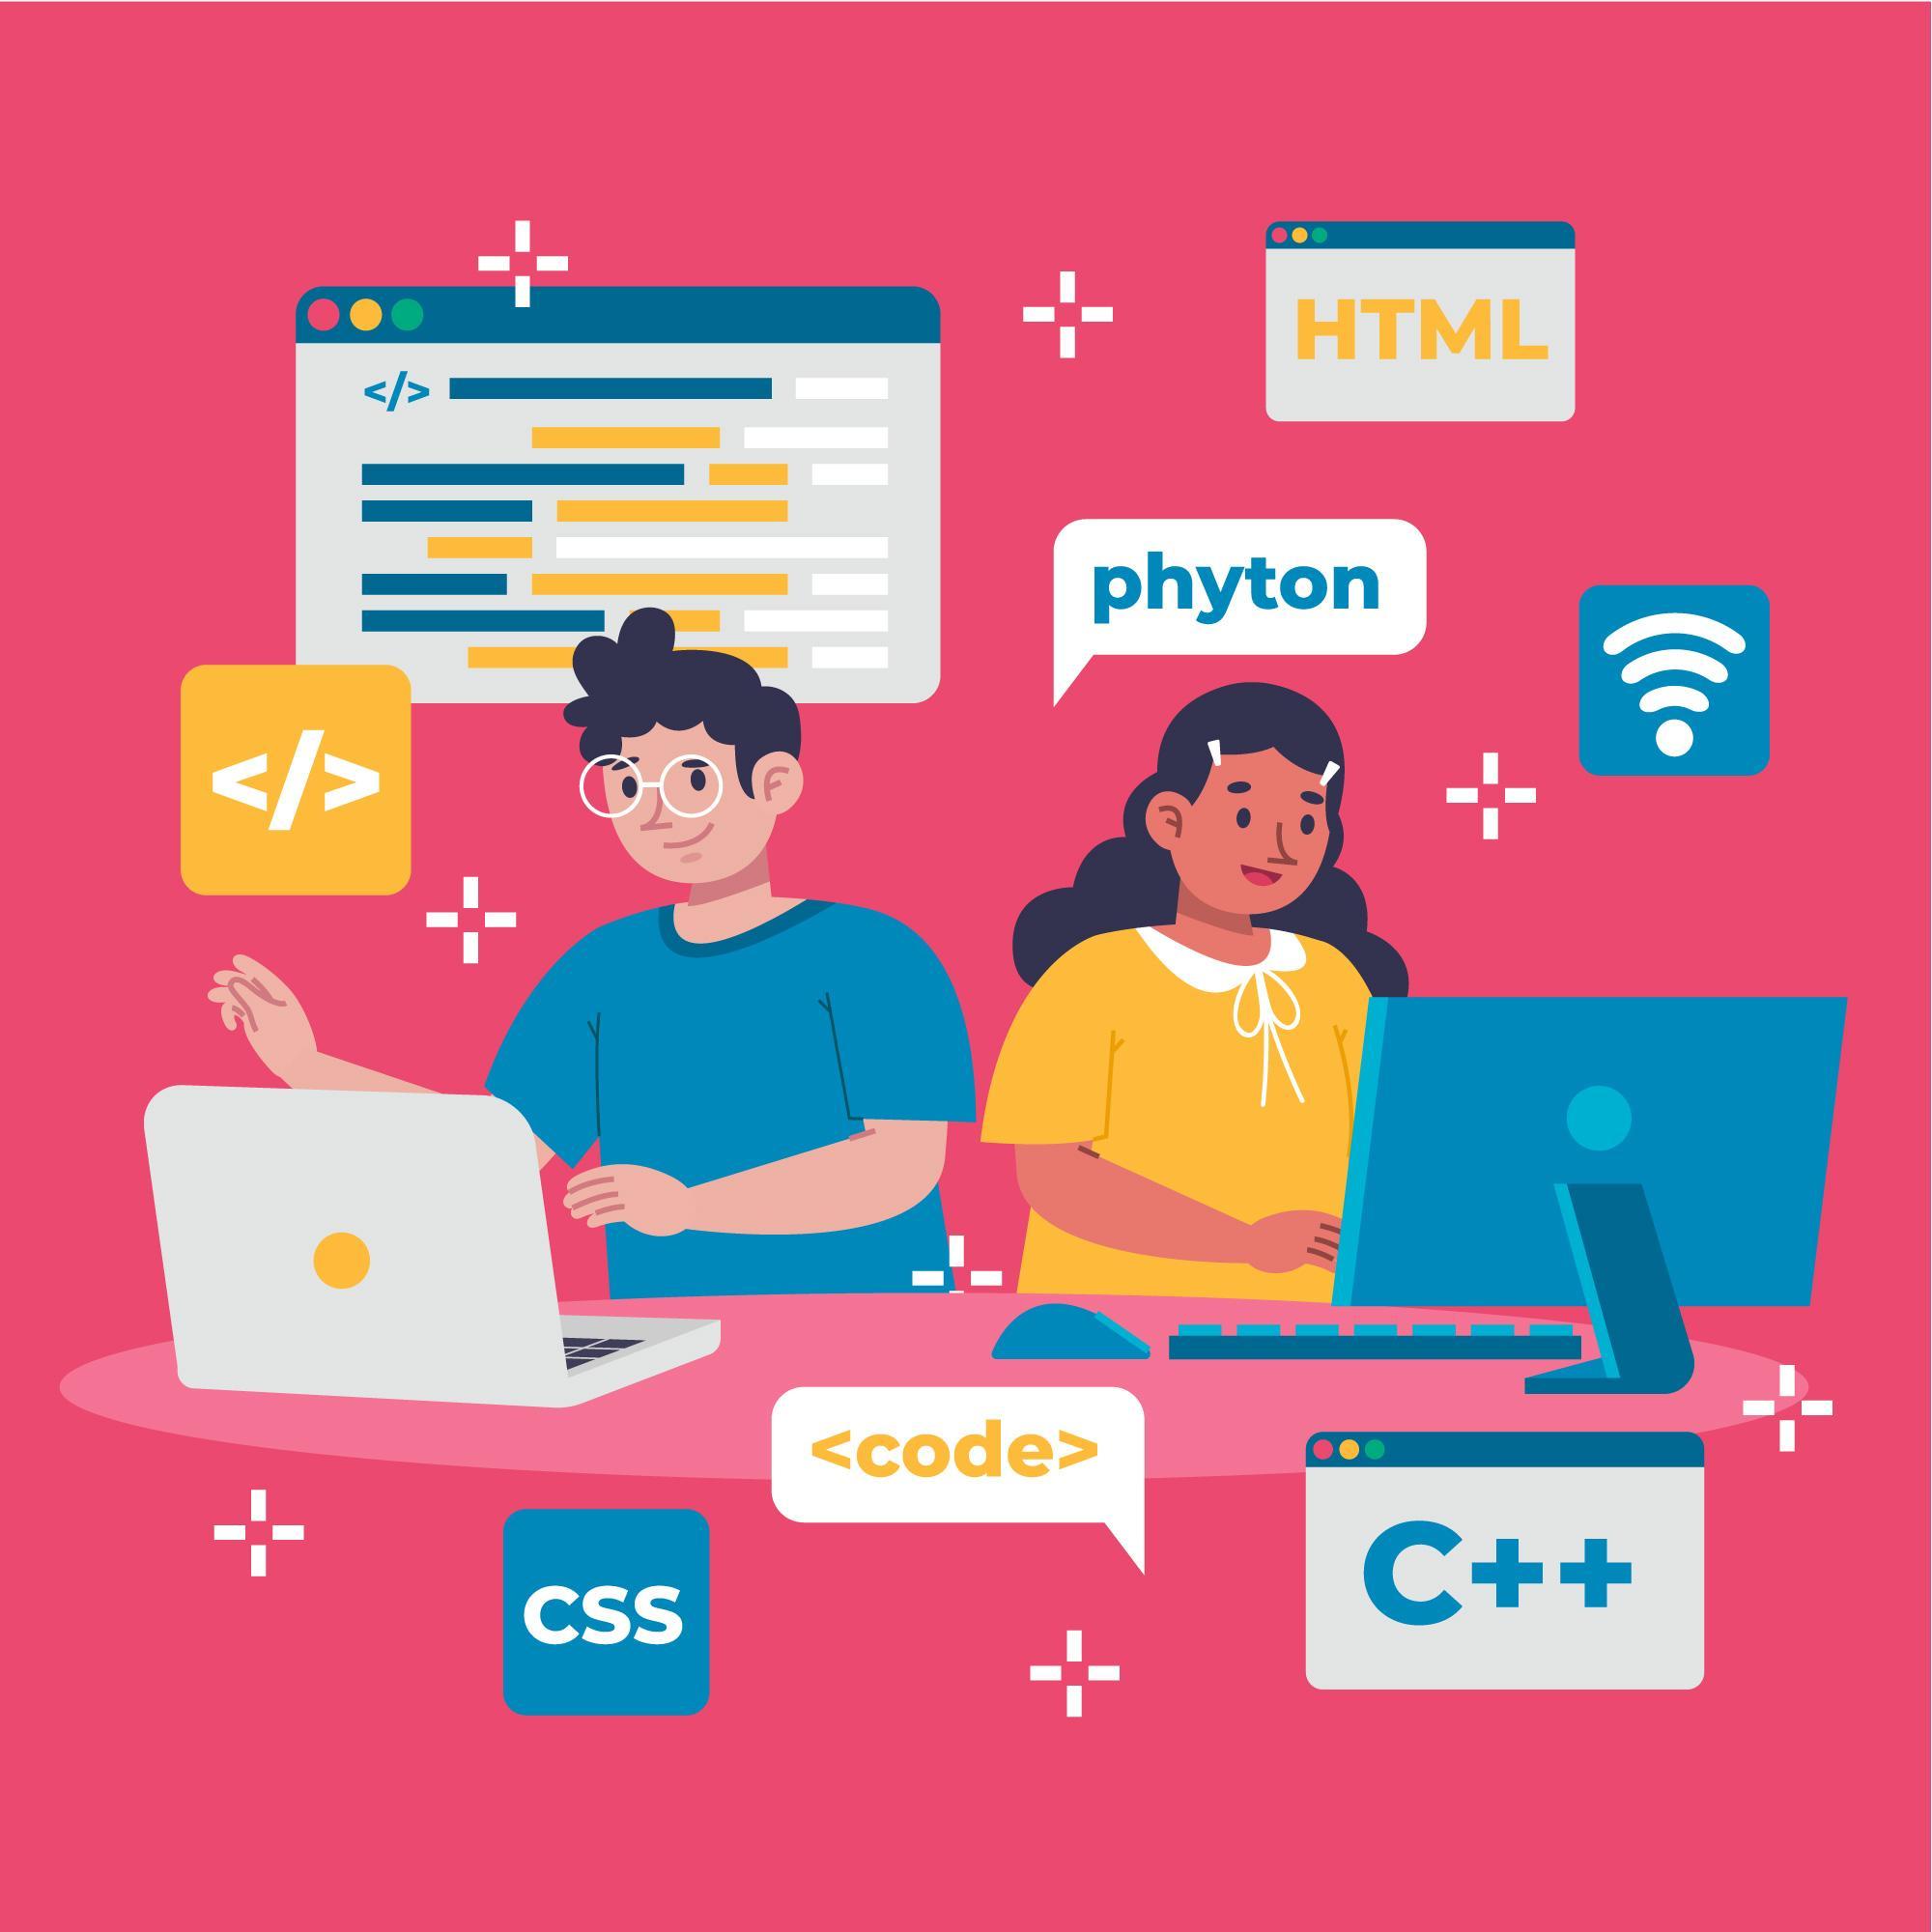 【衝撃】大学生がアルバイトでプログラミングを使ったら時給は2倍に!??